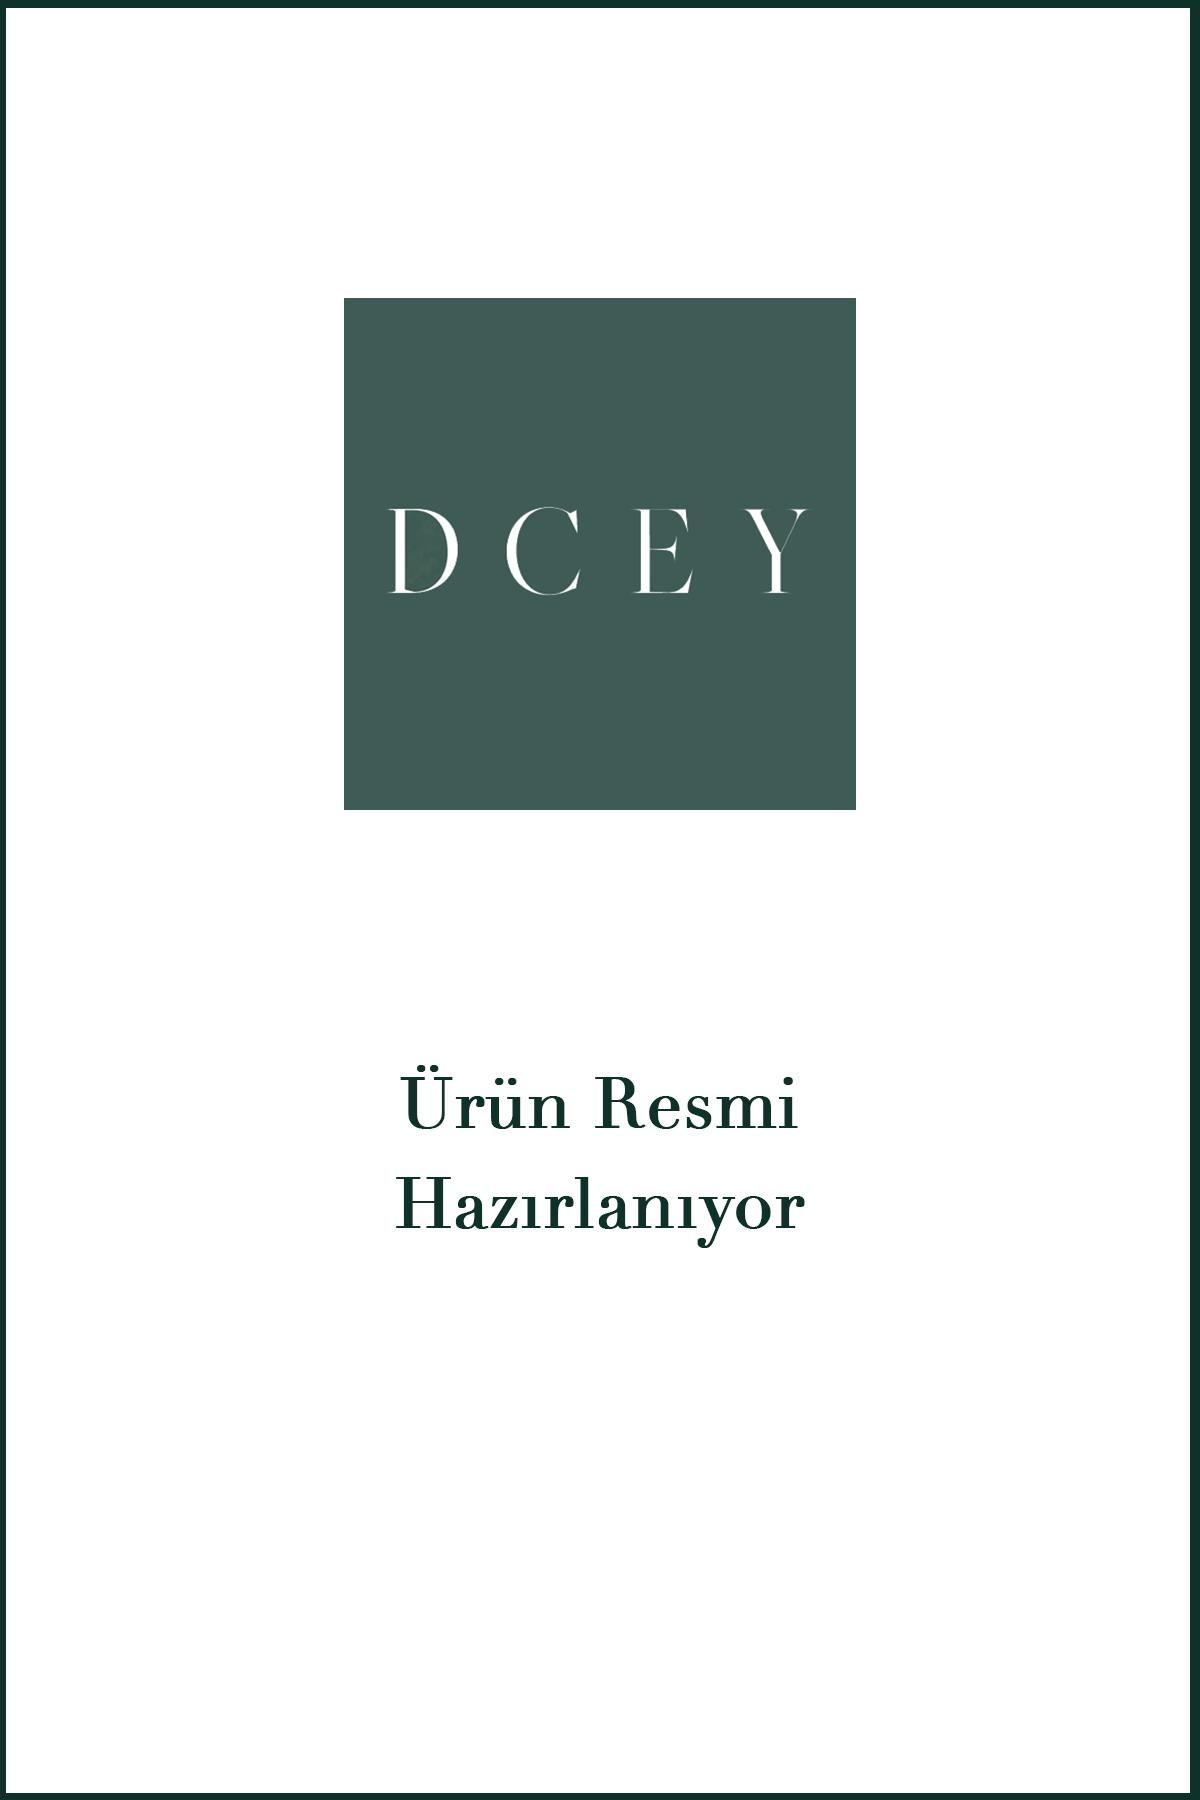 Glamorous Mini Elbise